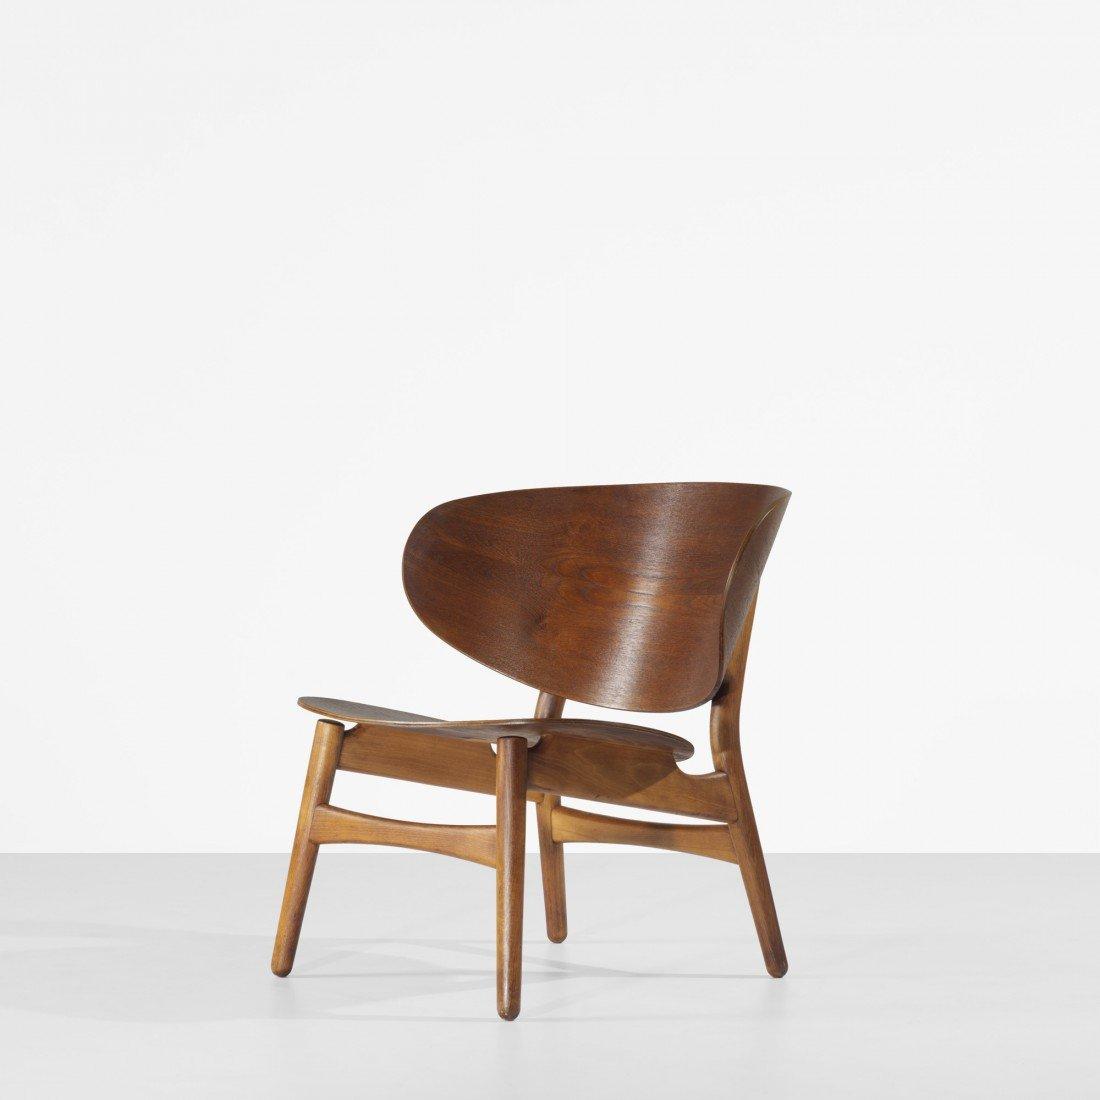 113: Hans Wegner Shell lounge chair